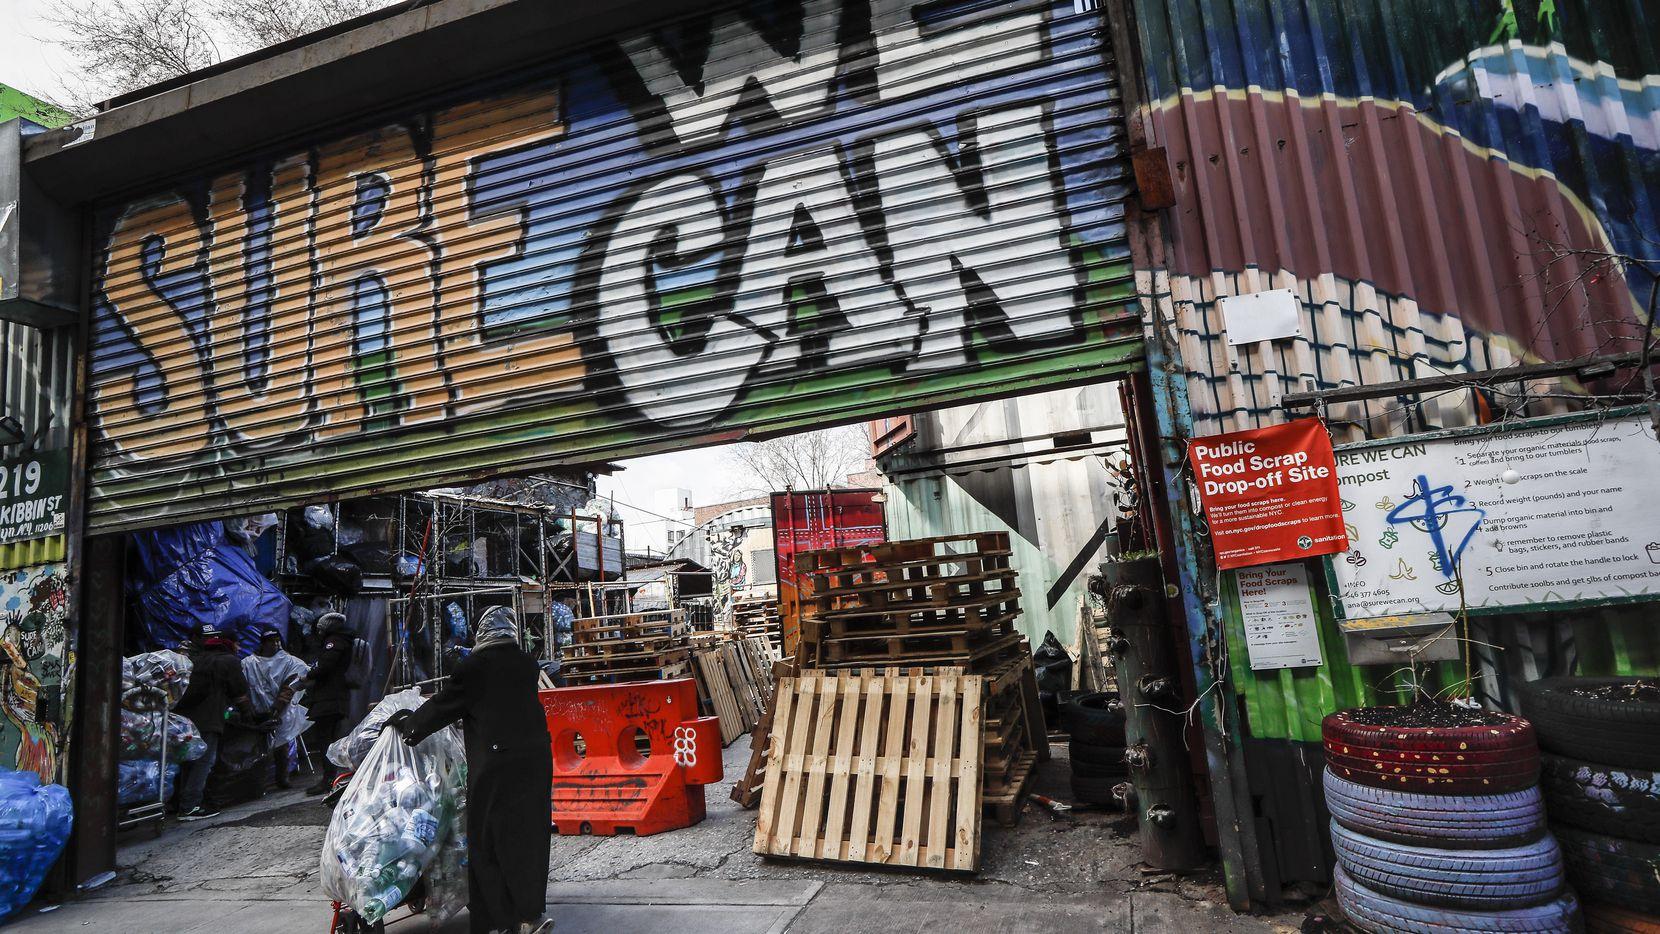 """Una """"latera"""" llega con su cargamento de botellas de plástico a Sure We Can, un centro de recepción sin ánimo de lucro en Brooklyn, el jueves 27 de febrero de 2020. (AP Foto/John Minchillo)"""